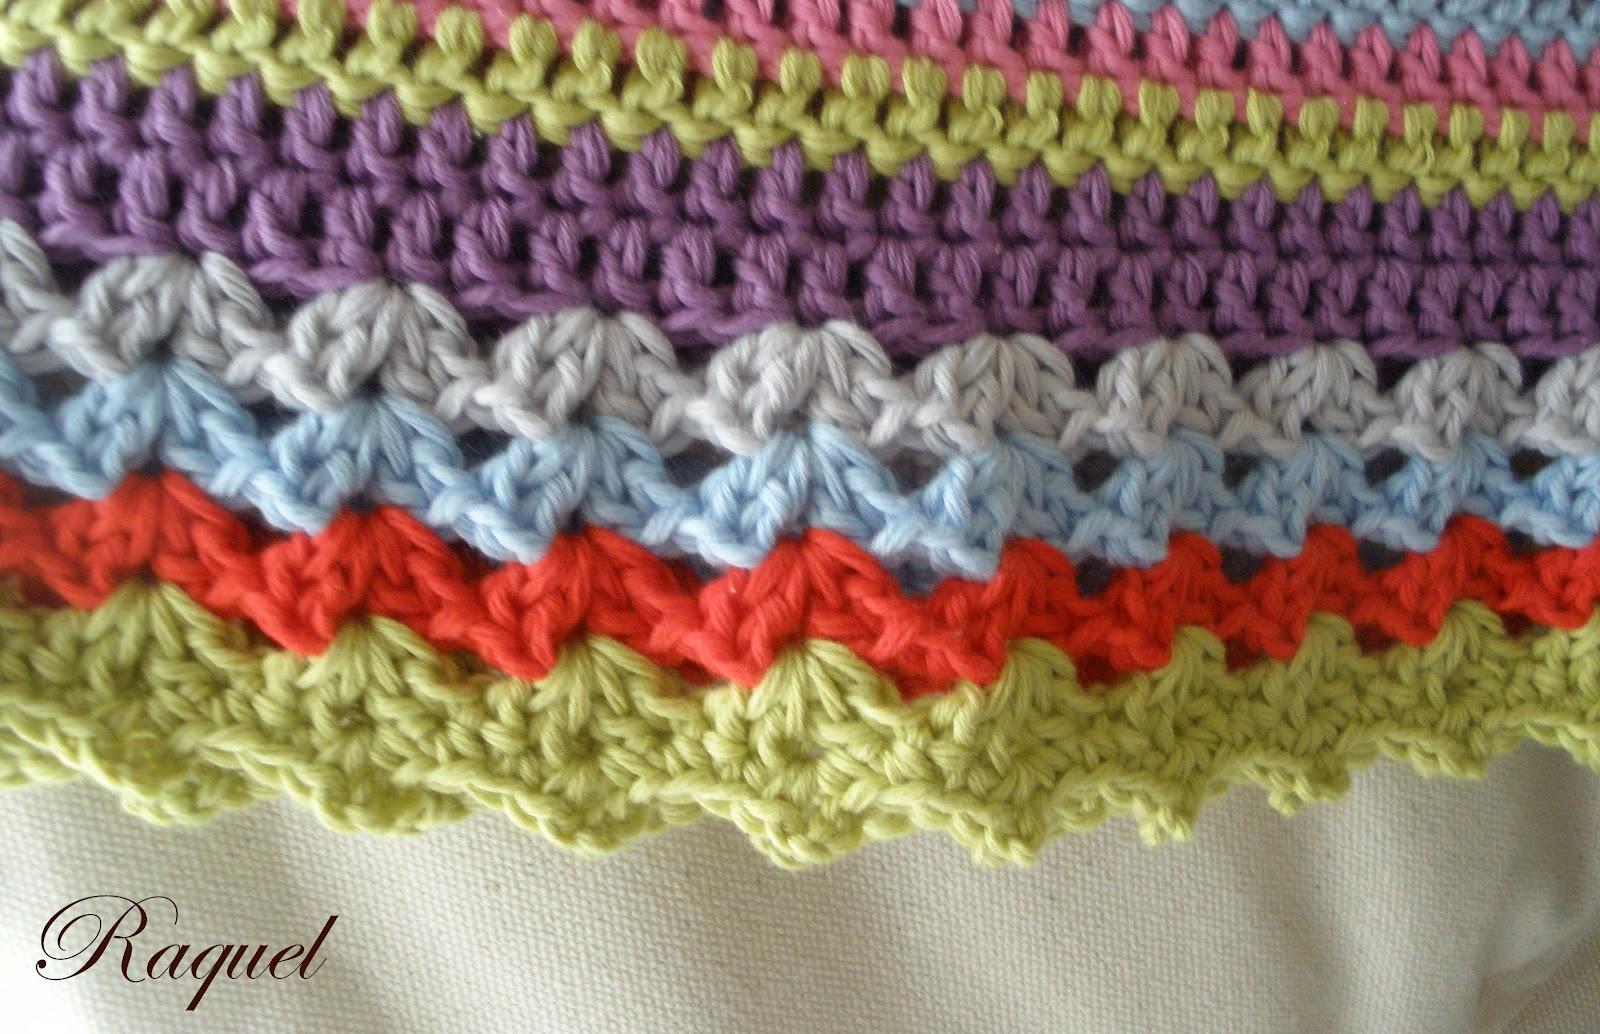 Encantador Patrones De Crochet Manta Ribete Ideas - Ideas de ...